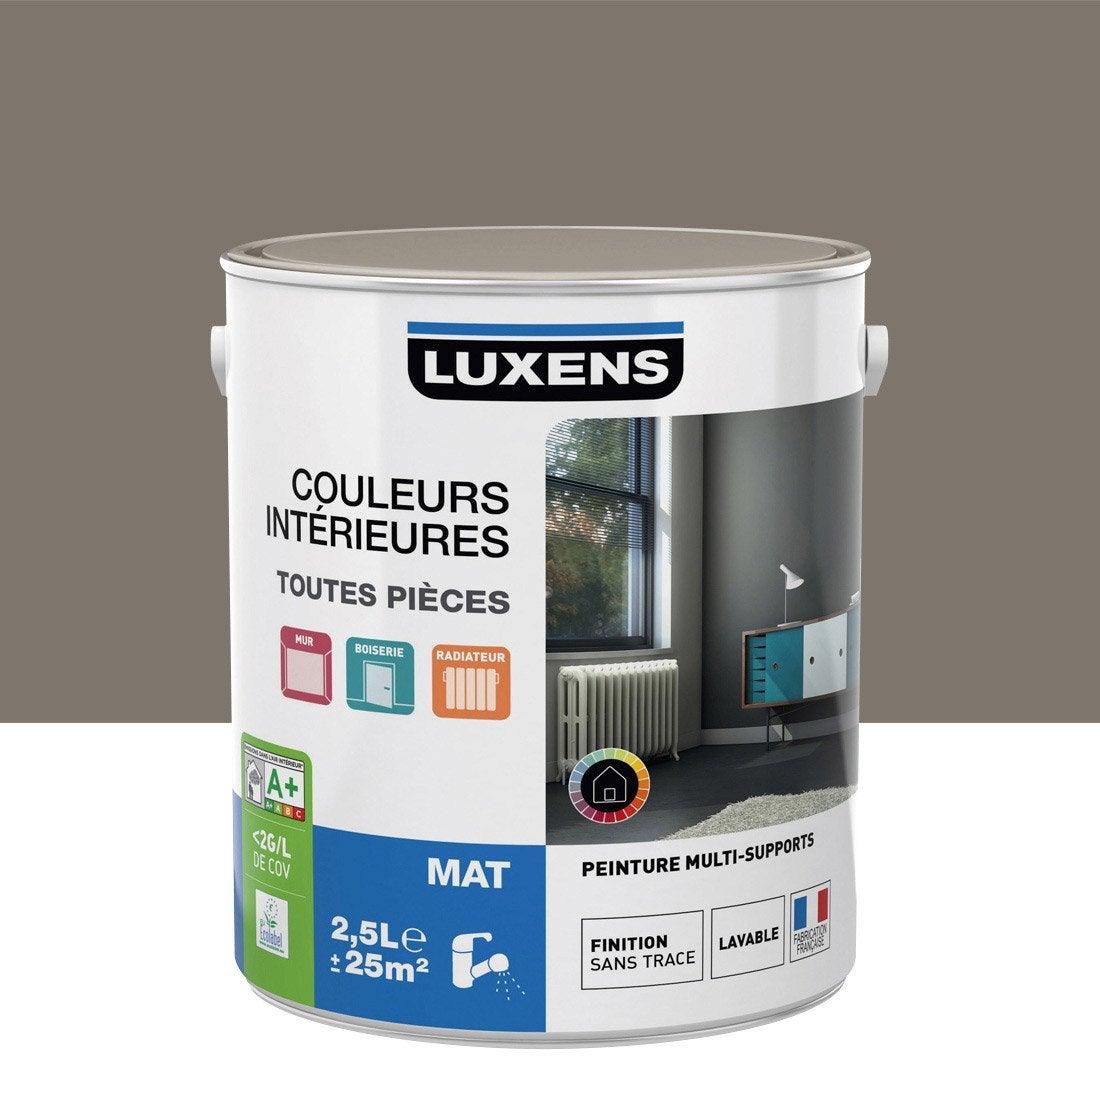 Peinture brun taupe 3 luxens couleurs int rieures mat 2 5 for Peinture salon leroy merlin